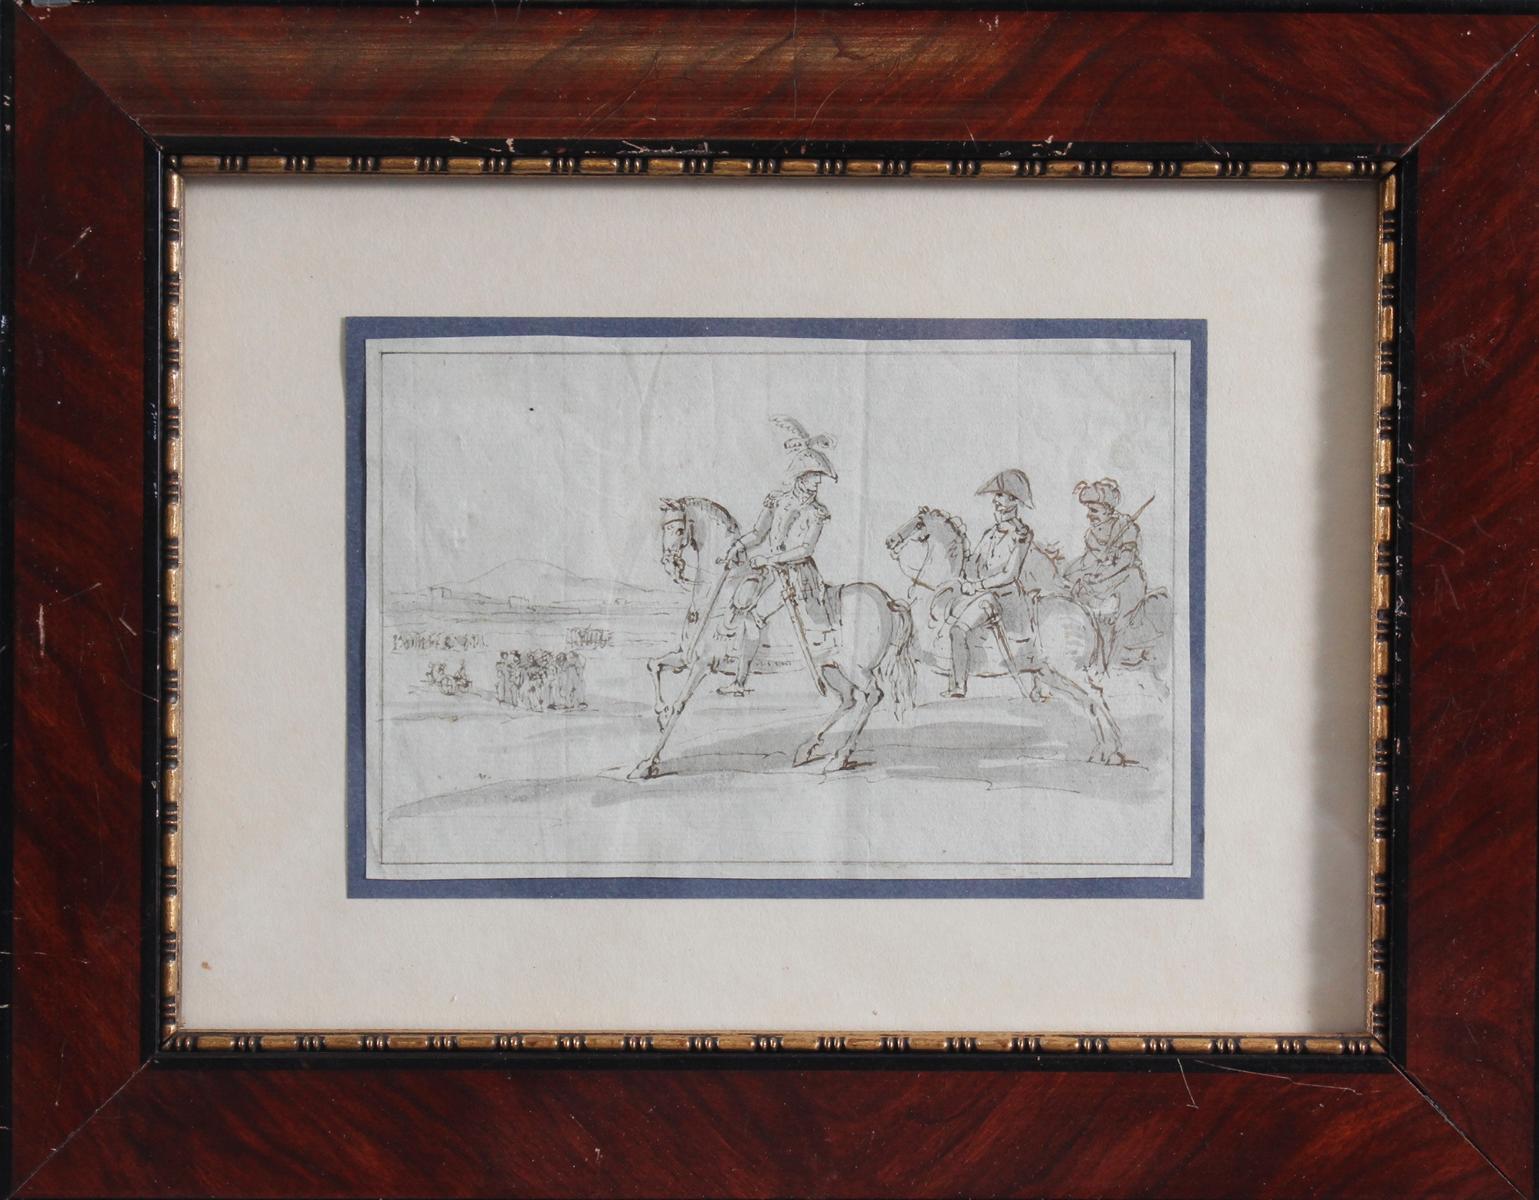 Federzeichnung des 19. Jahrhunderts. 'Marschall Joachim Murat'